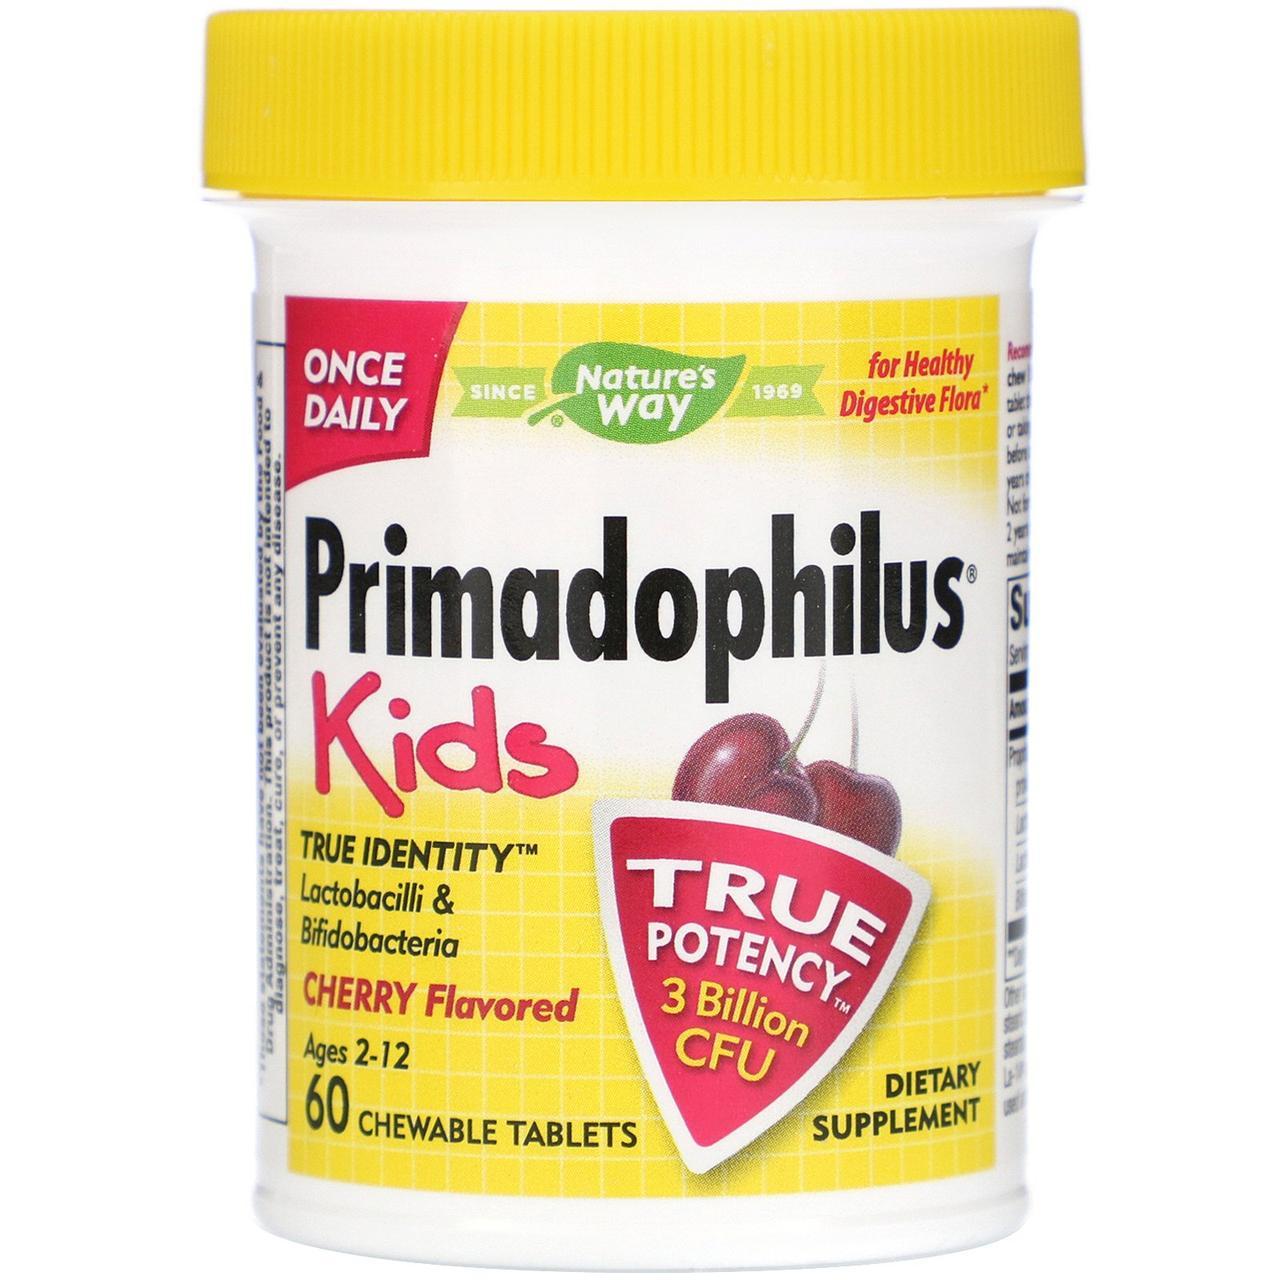 Жевательные таблетки Primadophilus для детей от Nature's Way со вкусом вишни, 60 штук